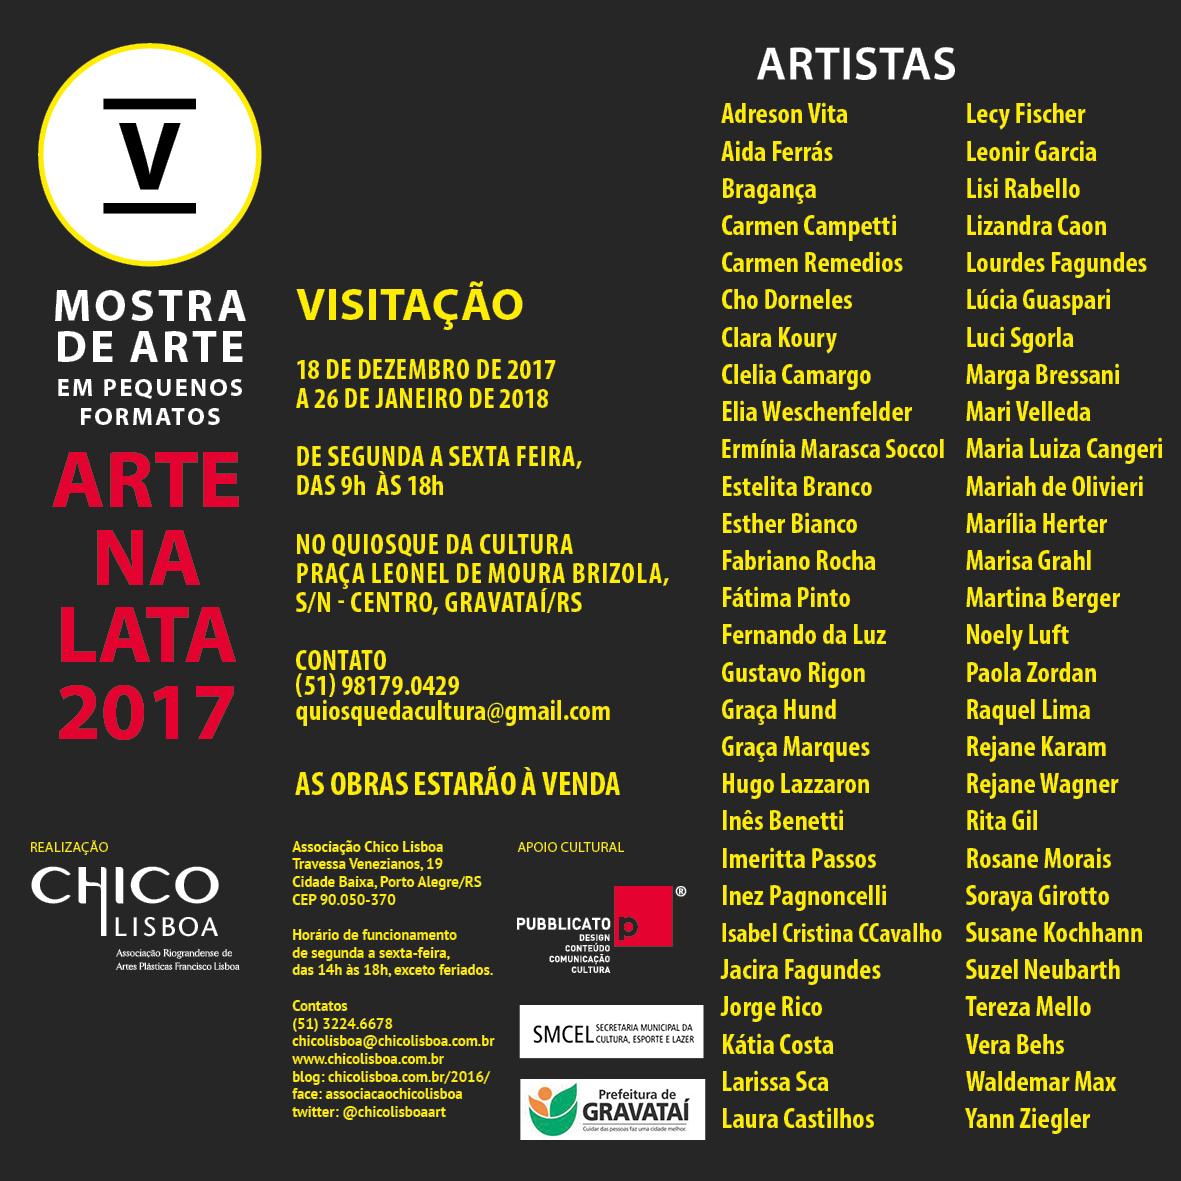 Encerrada a Mostra de Arte em Pequenos Formatos – Arte na Lata 2017, no Quiosque da Cultura